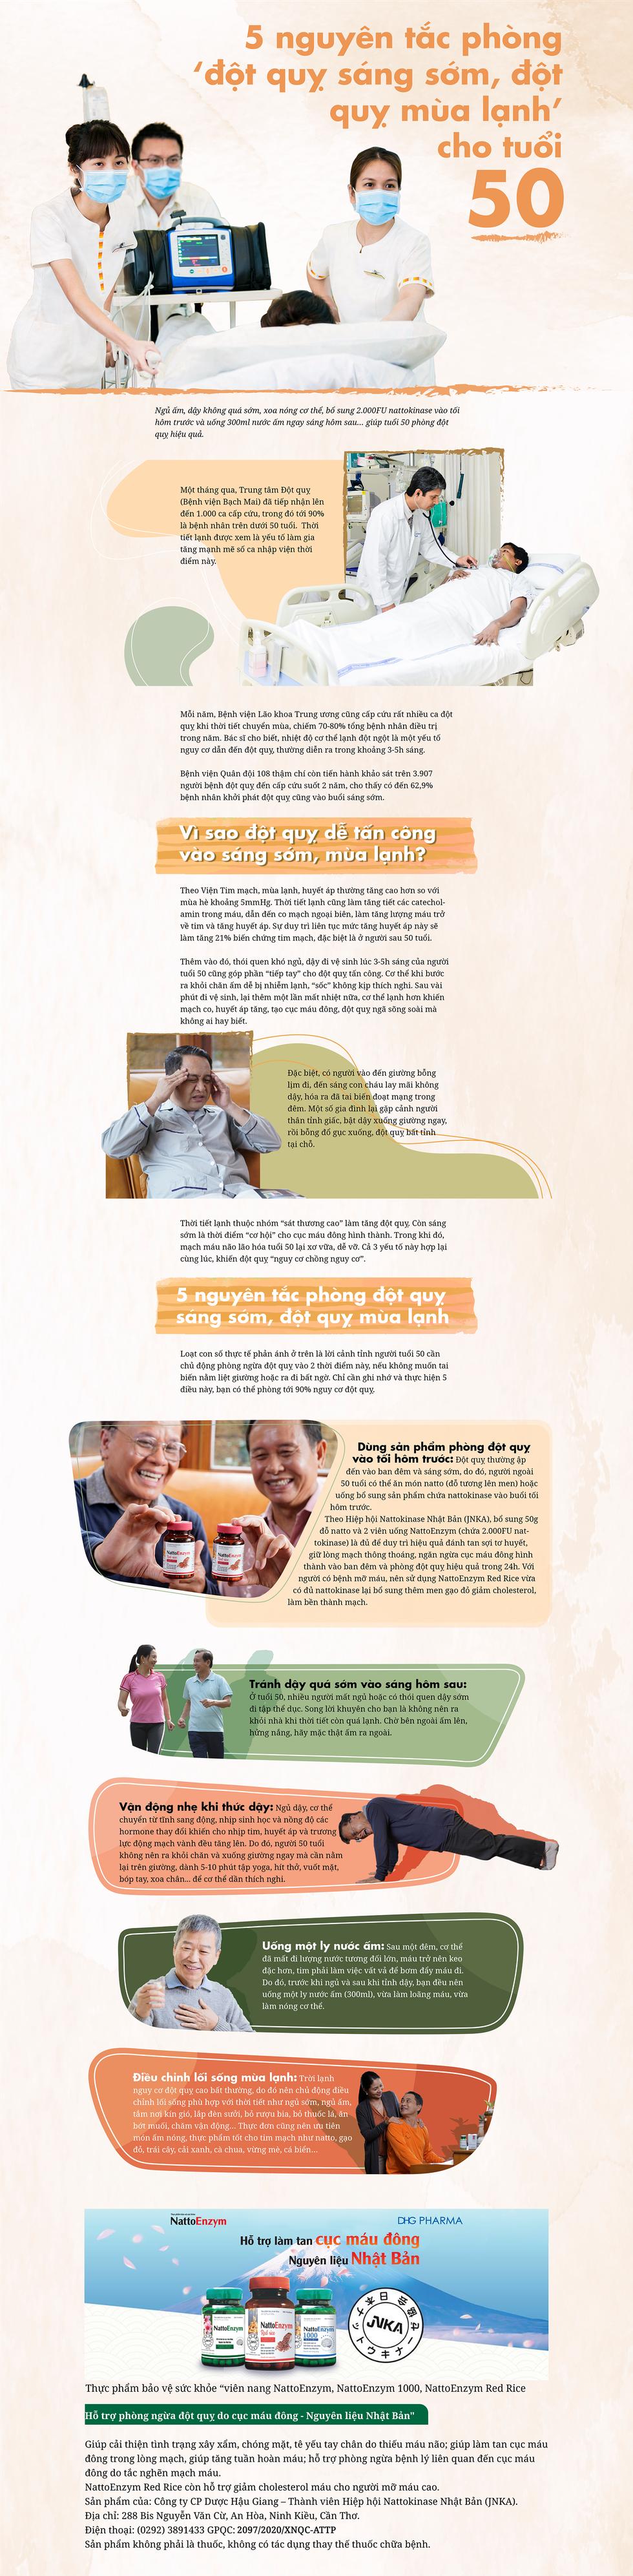 5 nguyên tắc phòng 'đột quỵ sáng sớm, đột quỵ mùa lạnh' cho tuổi 50 - Ảnh 1.